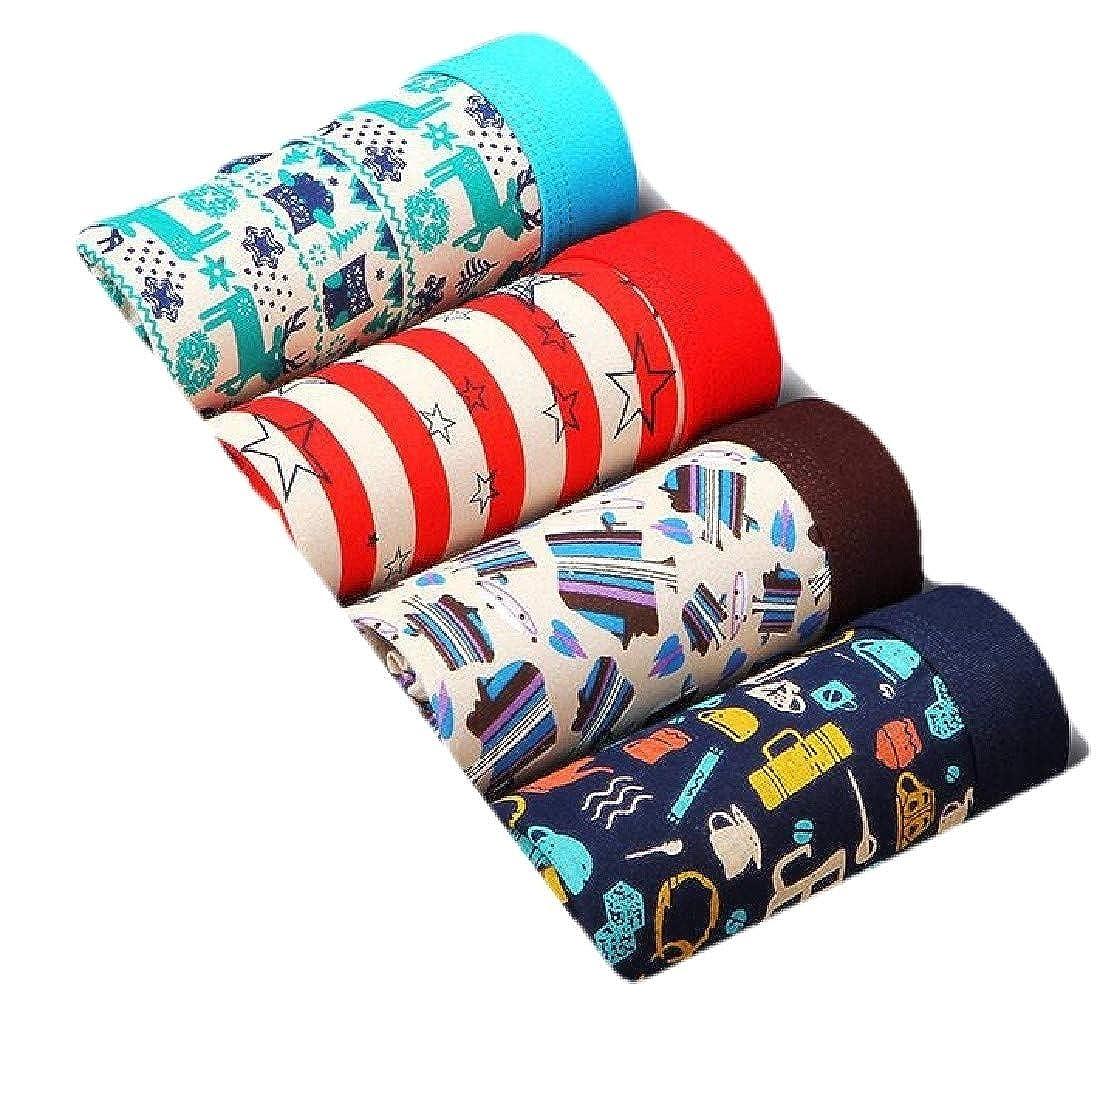 YYear Mens 4-Pack Underwear Stretch Print High Waist Modal Boxer Brief